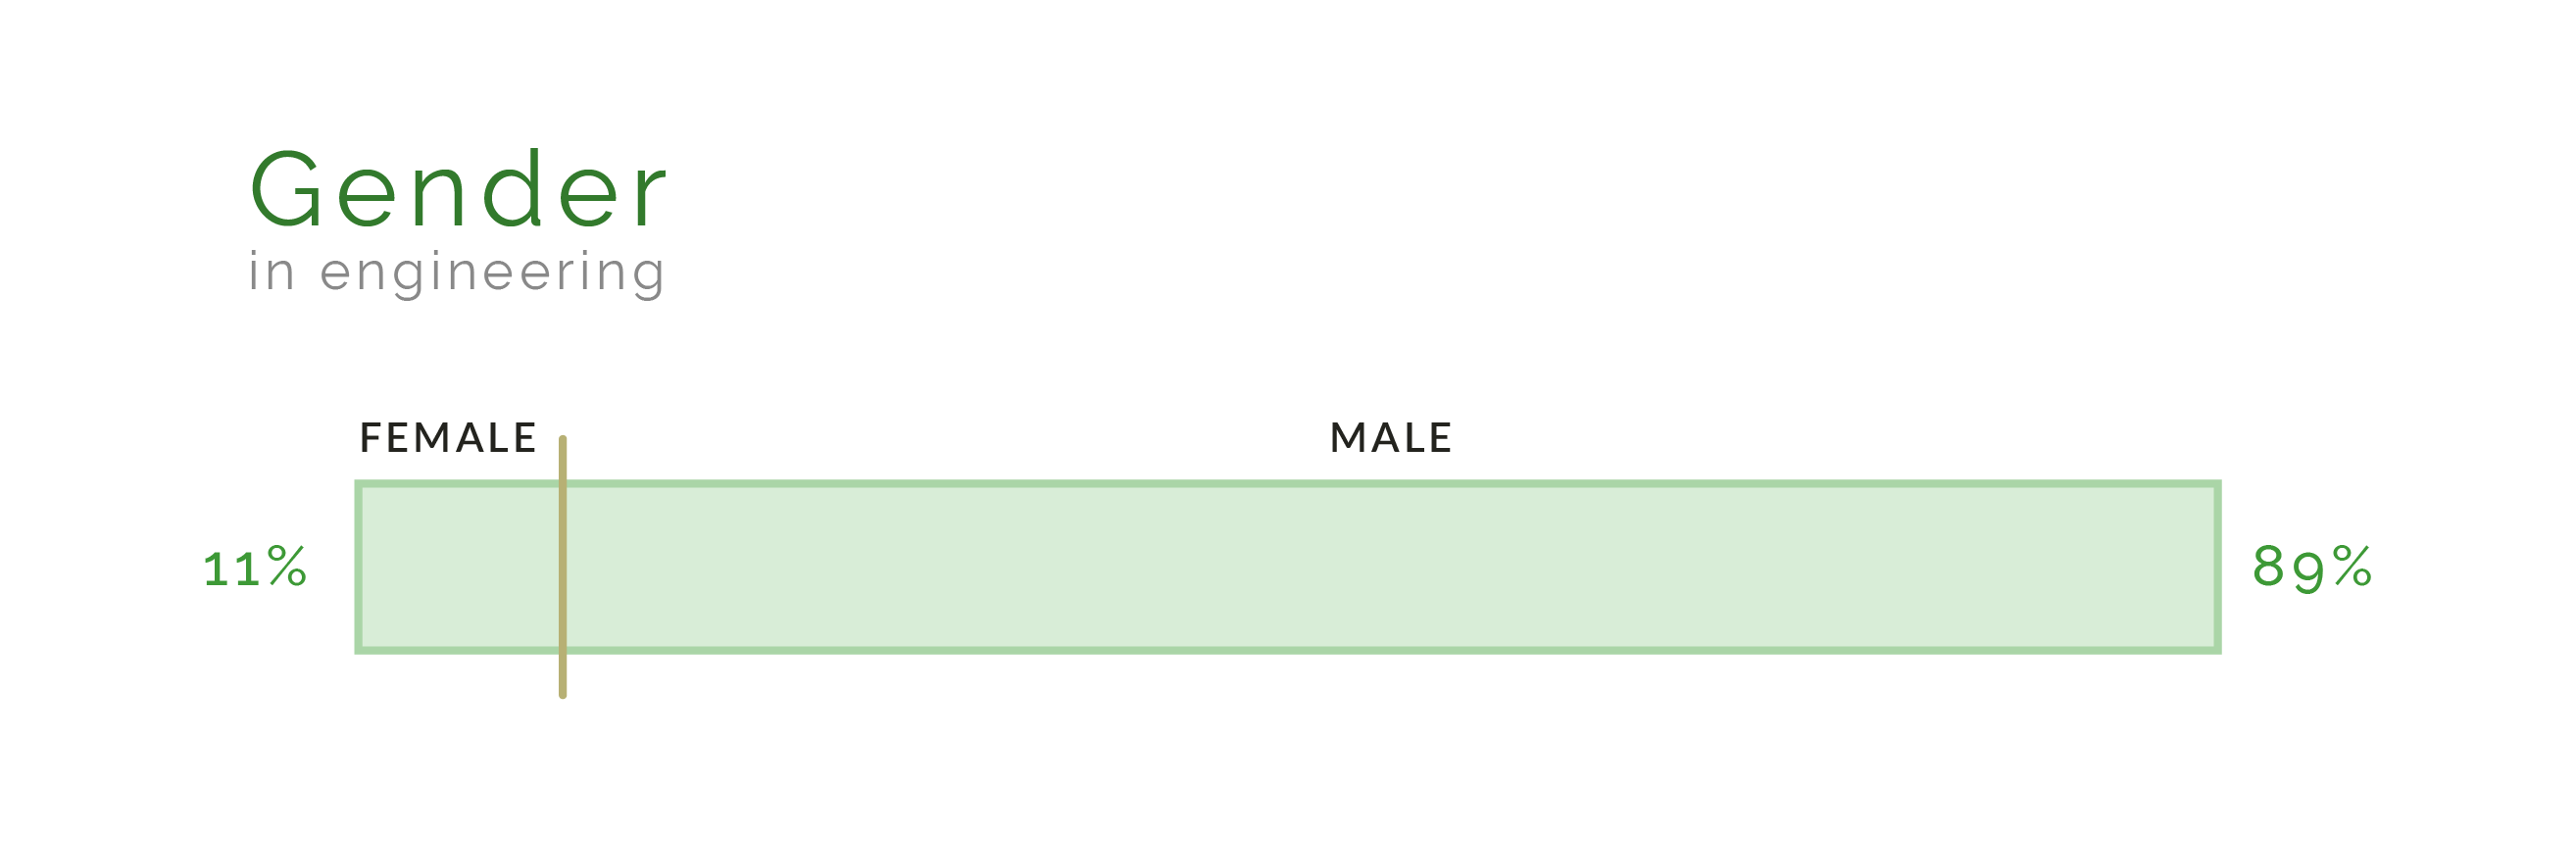 Gender in engineering at Gusto